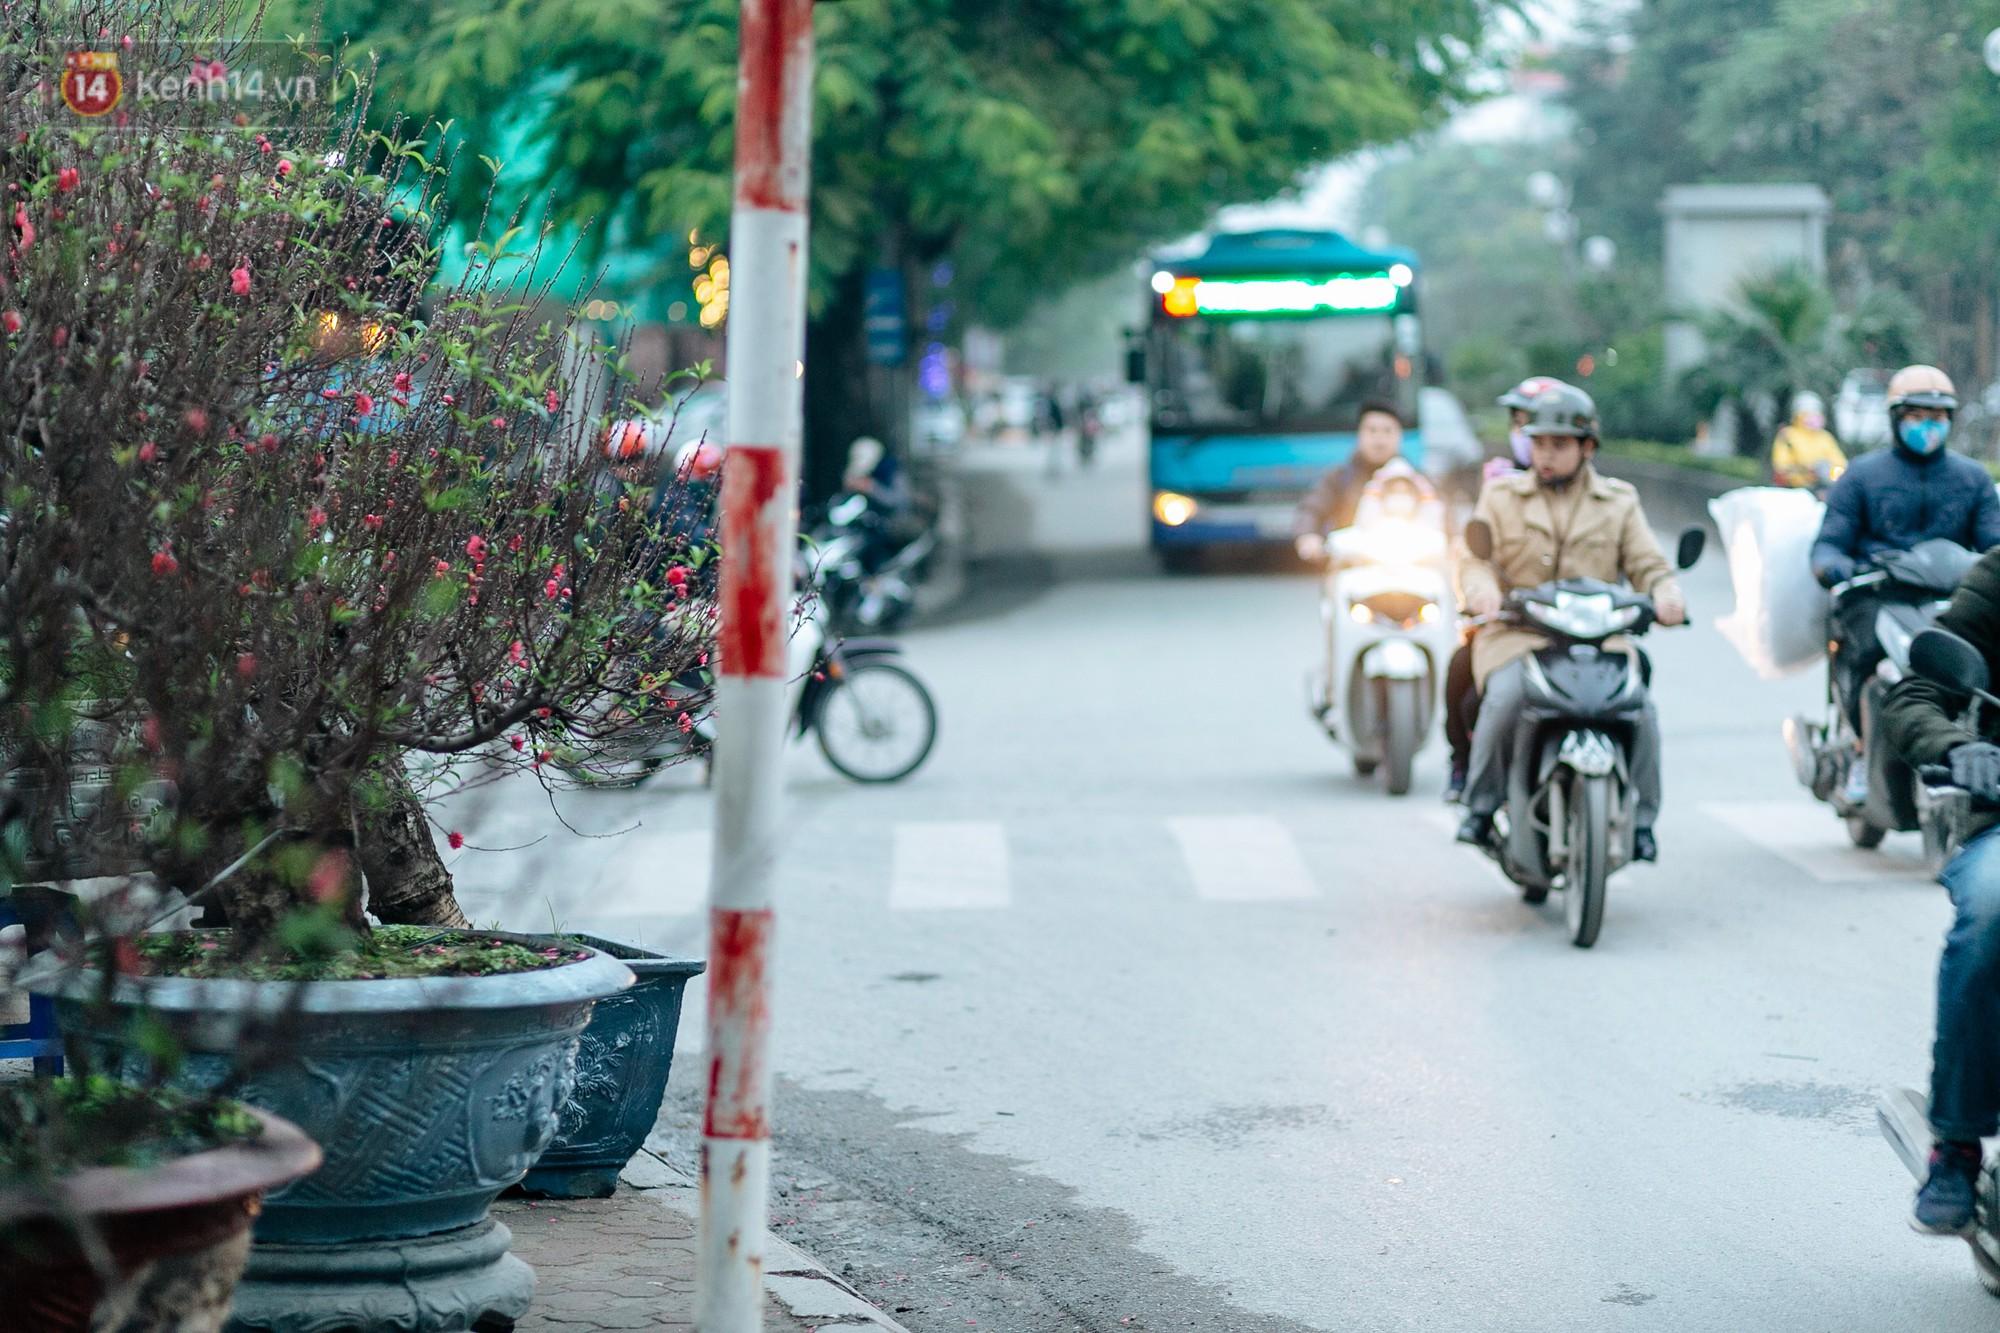 Chùm ảnh: Hoa đào đã nở đỏ rực trên những tuyến phố Hà Nội, Tết đã đến rất gần rồi! - Ảnh 3.